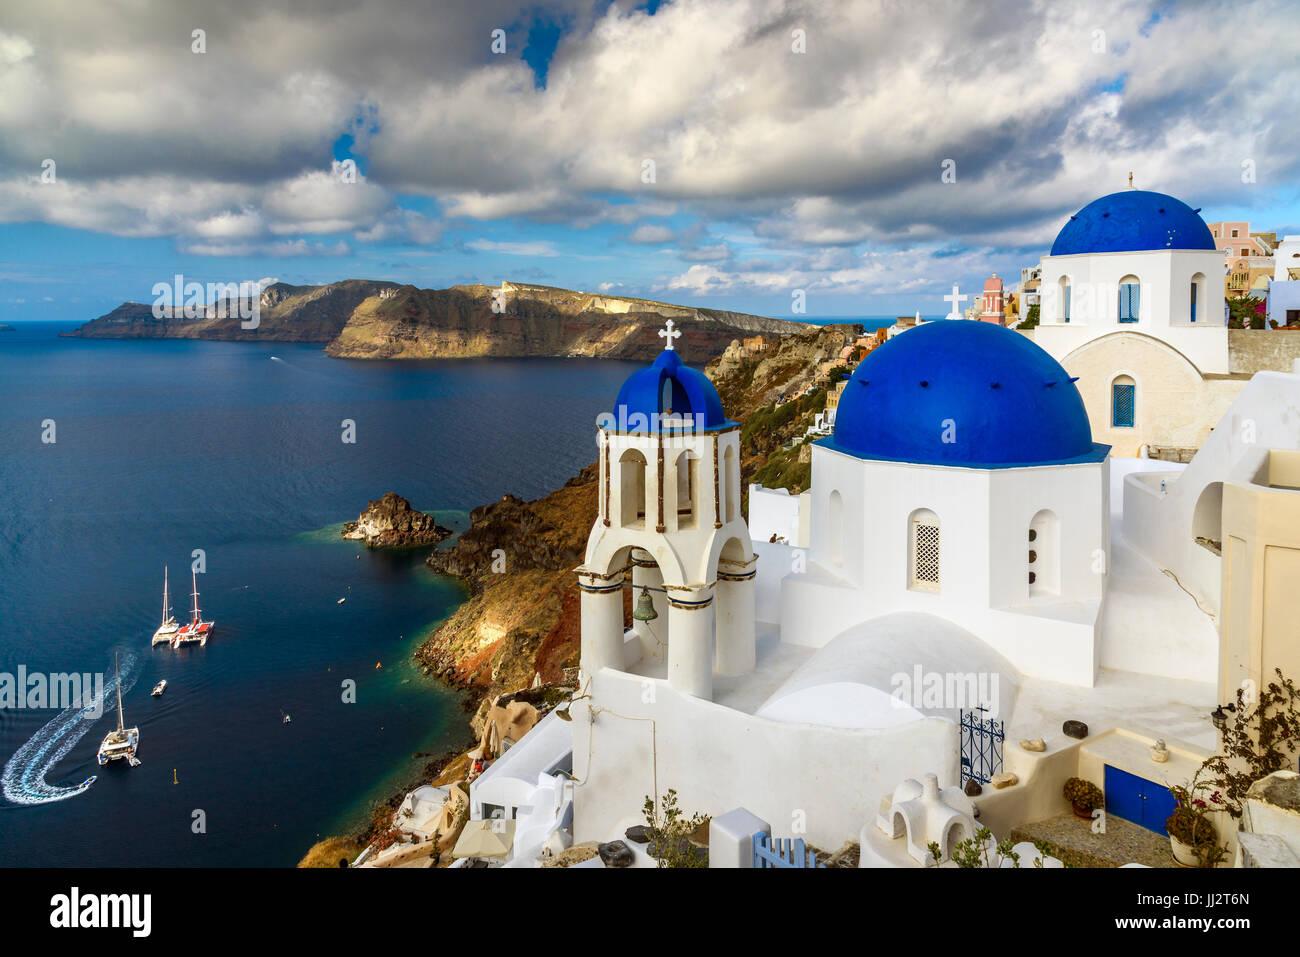 Église avec dômes bleus à Oia, Santorini, sud de la mer Egée, Grèce Photo Stock